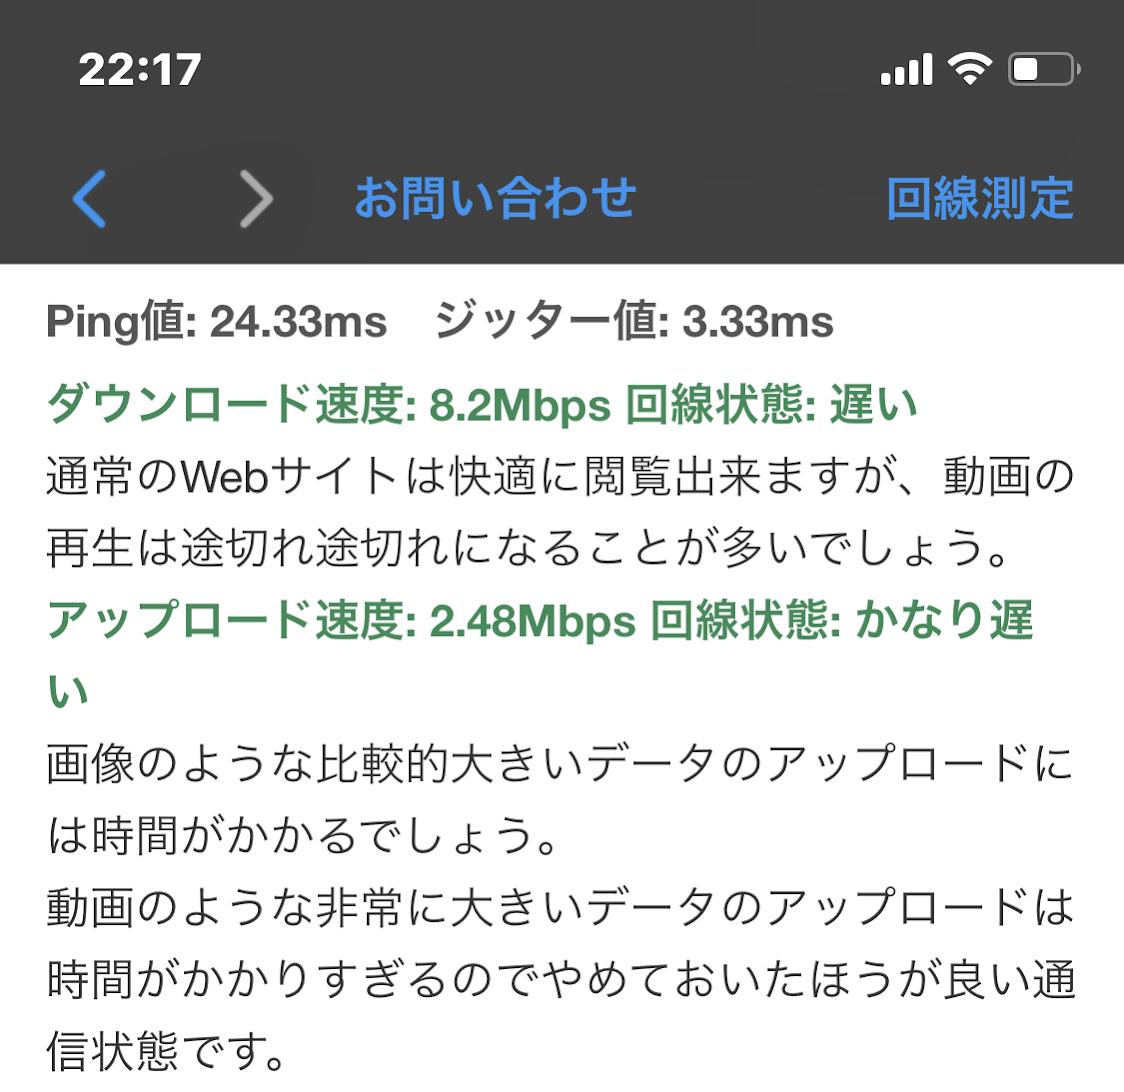 f:id:miapom618:20191130214700p:plain